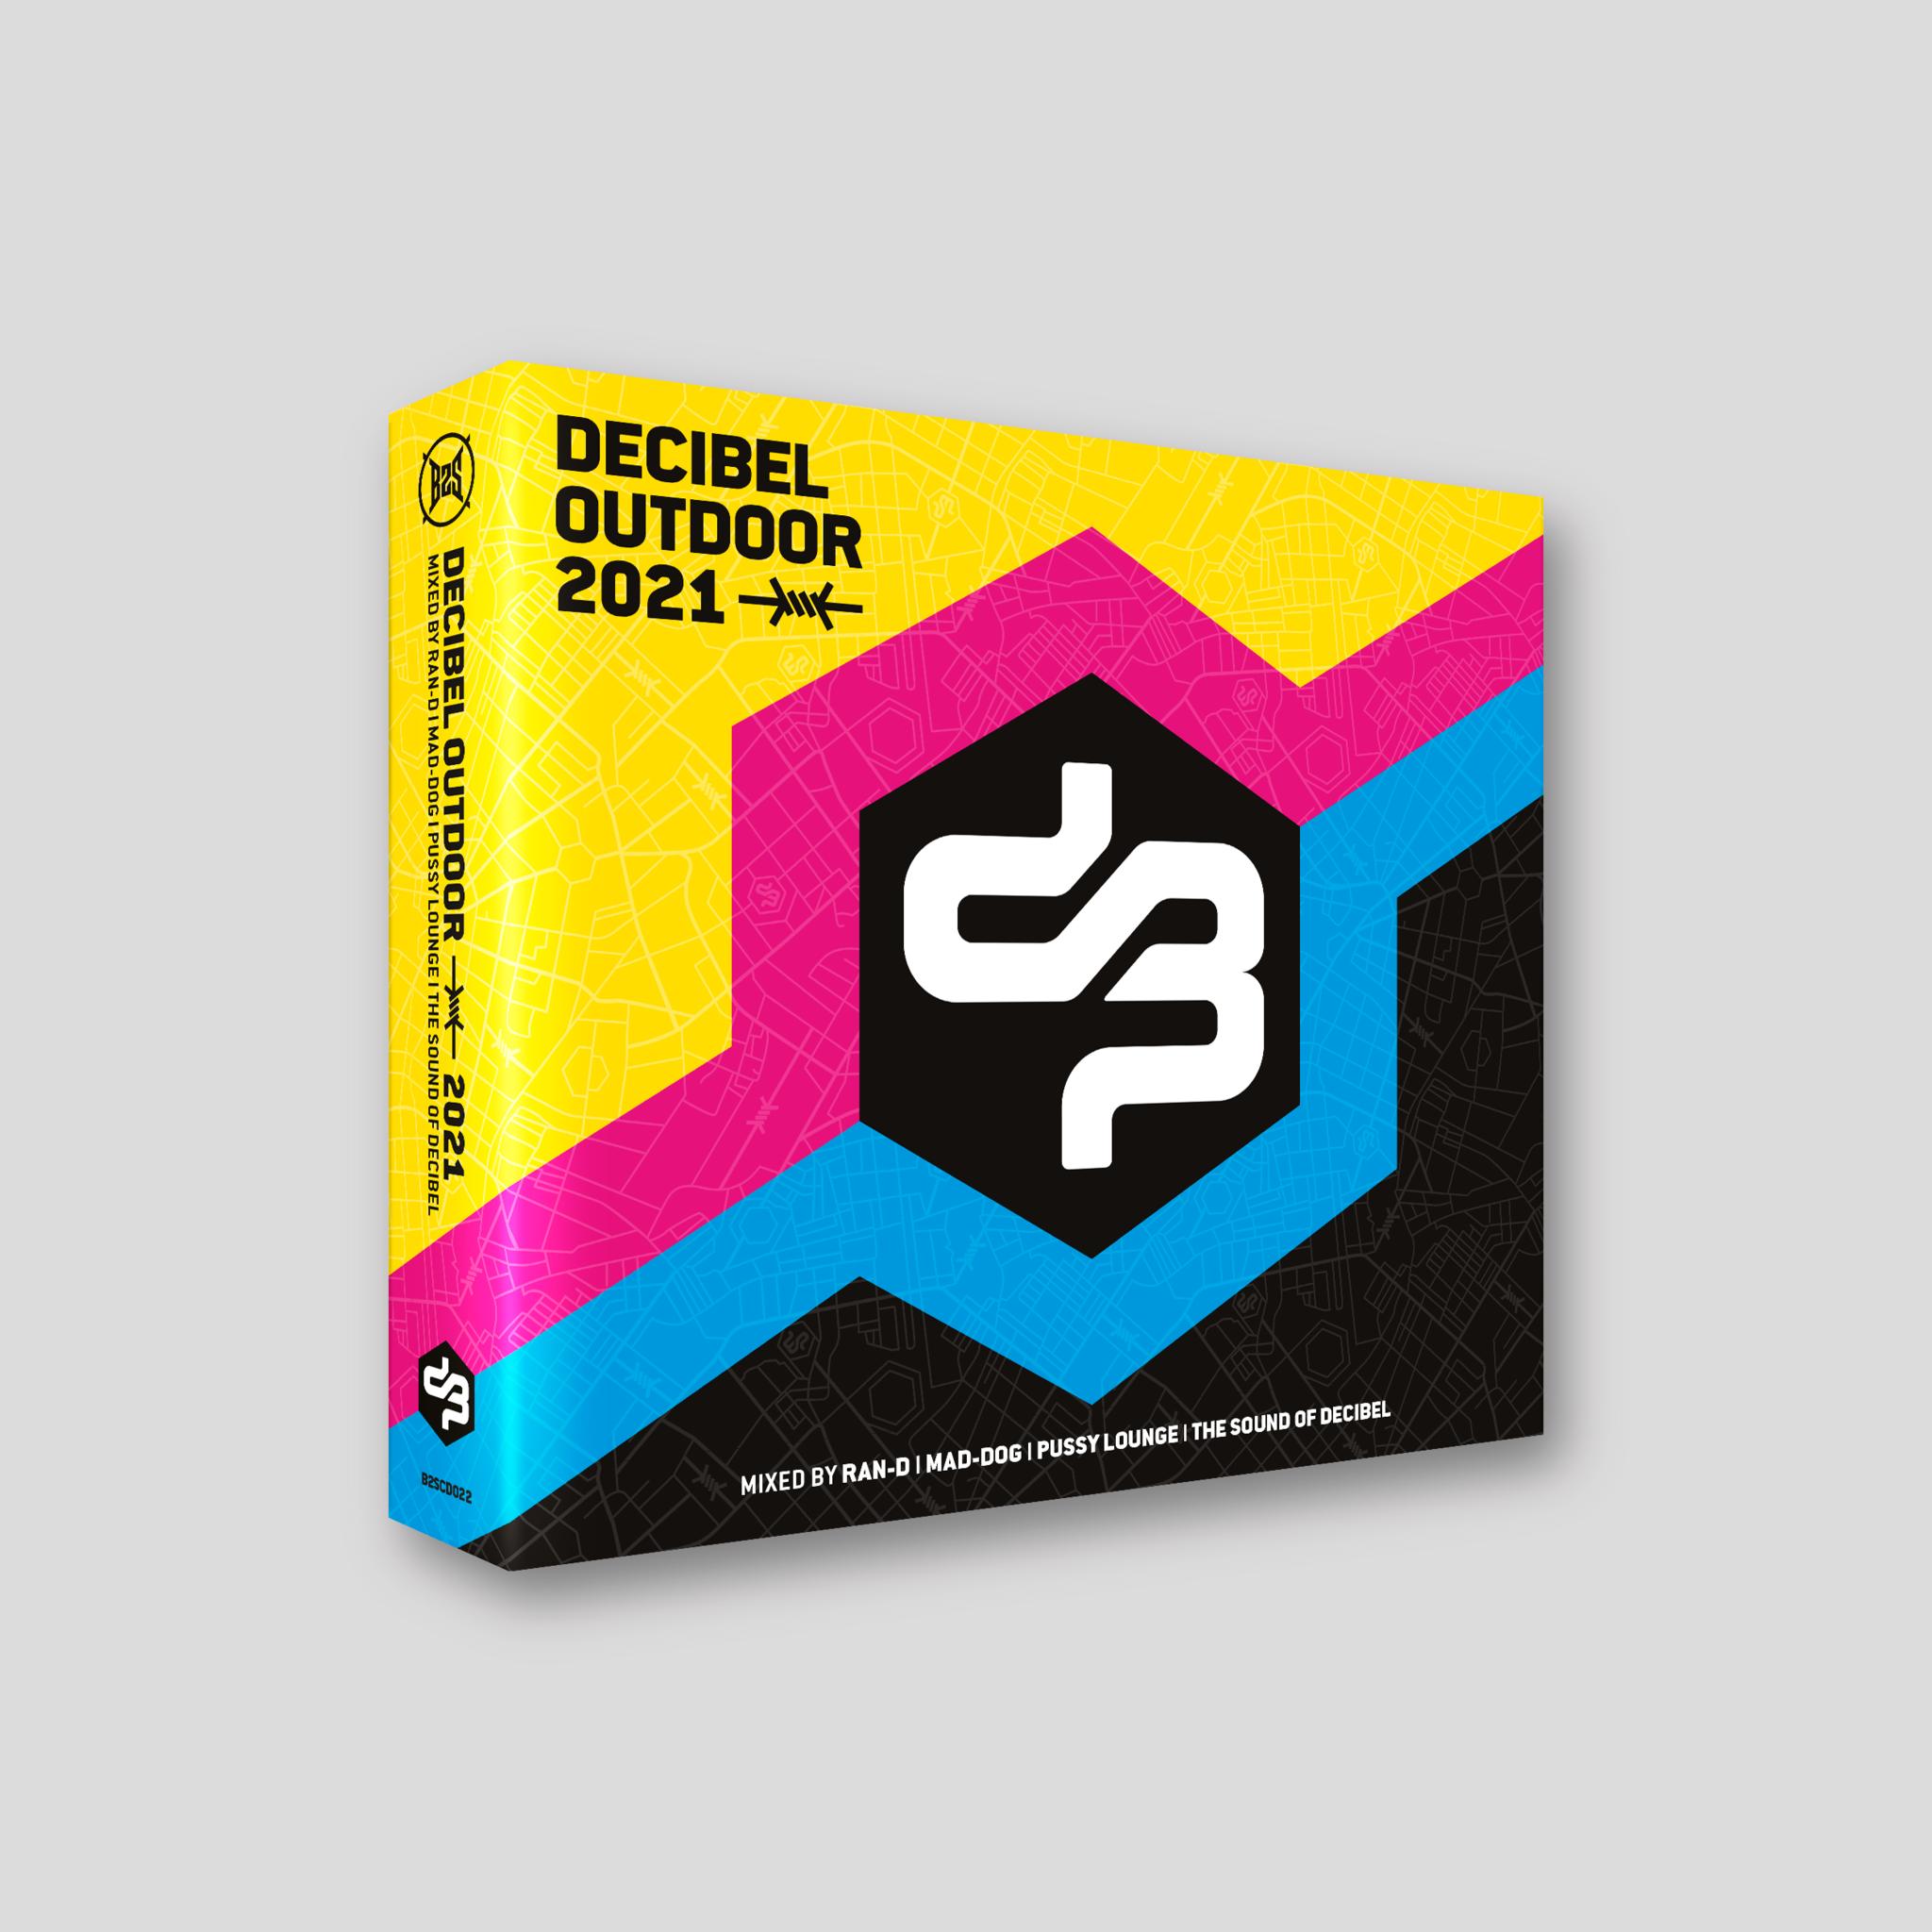 Decibel CD 2021